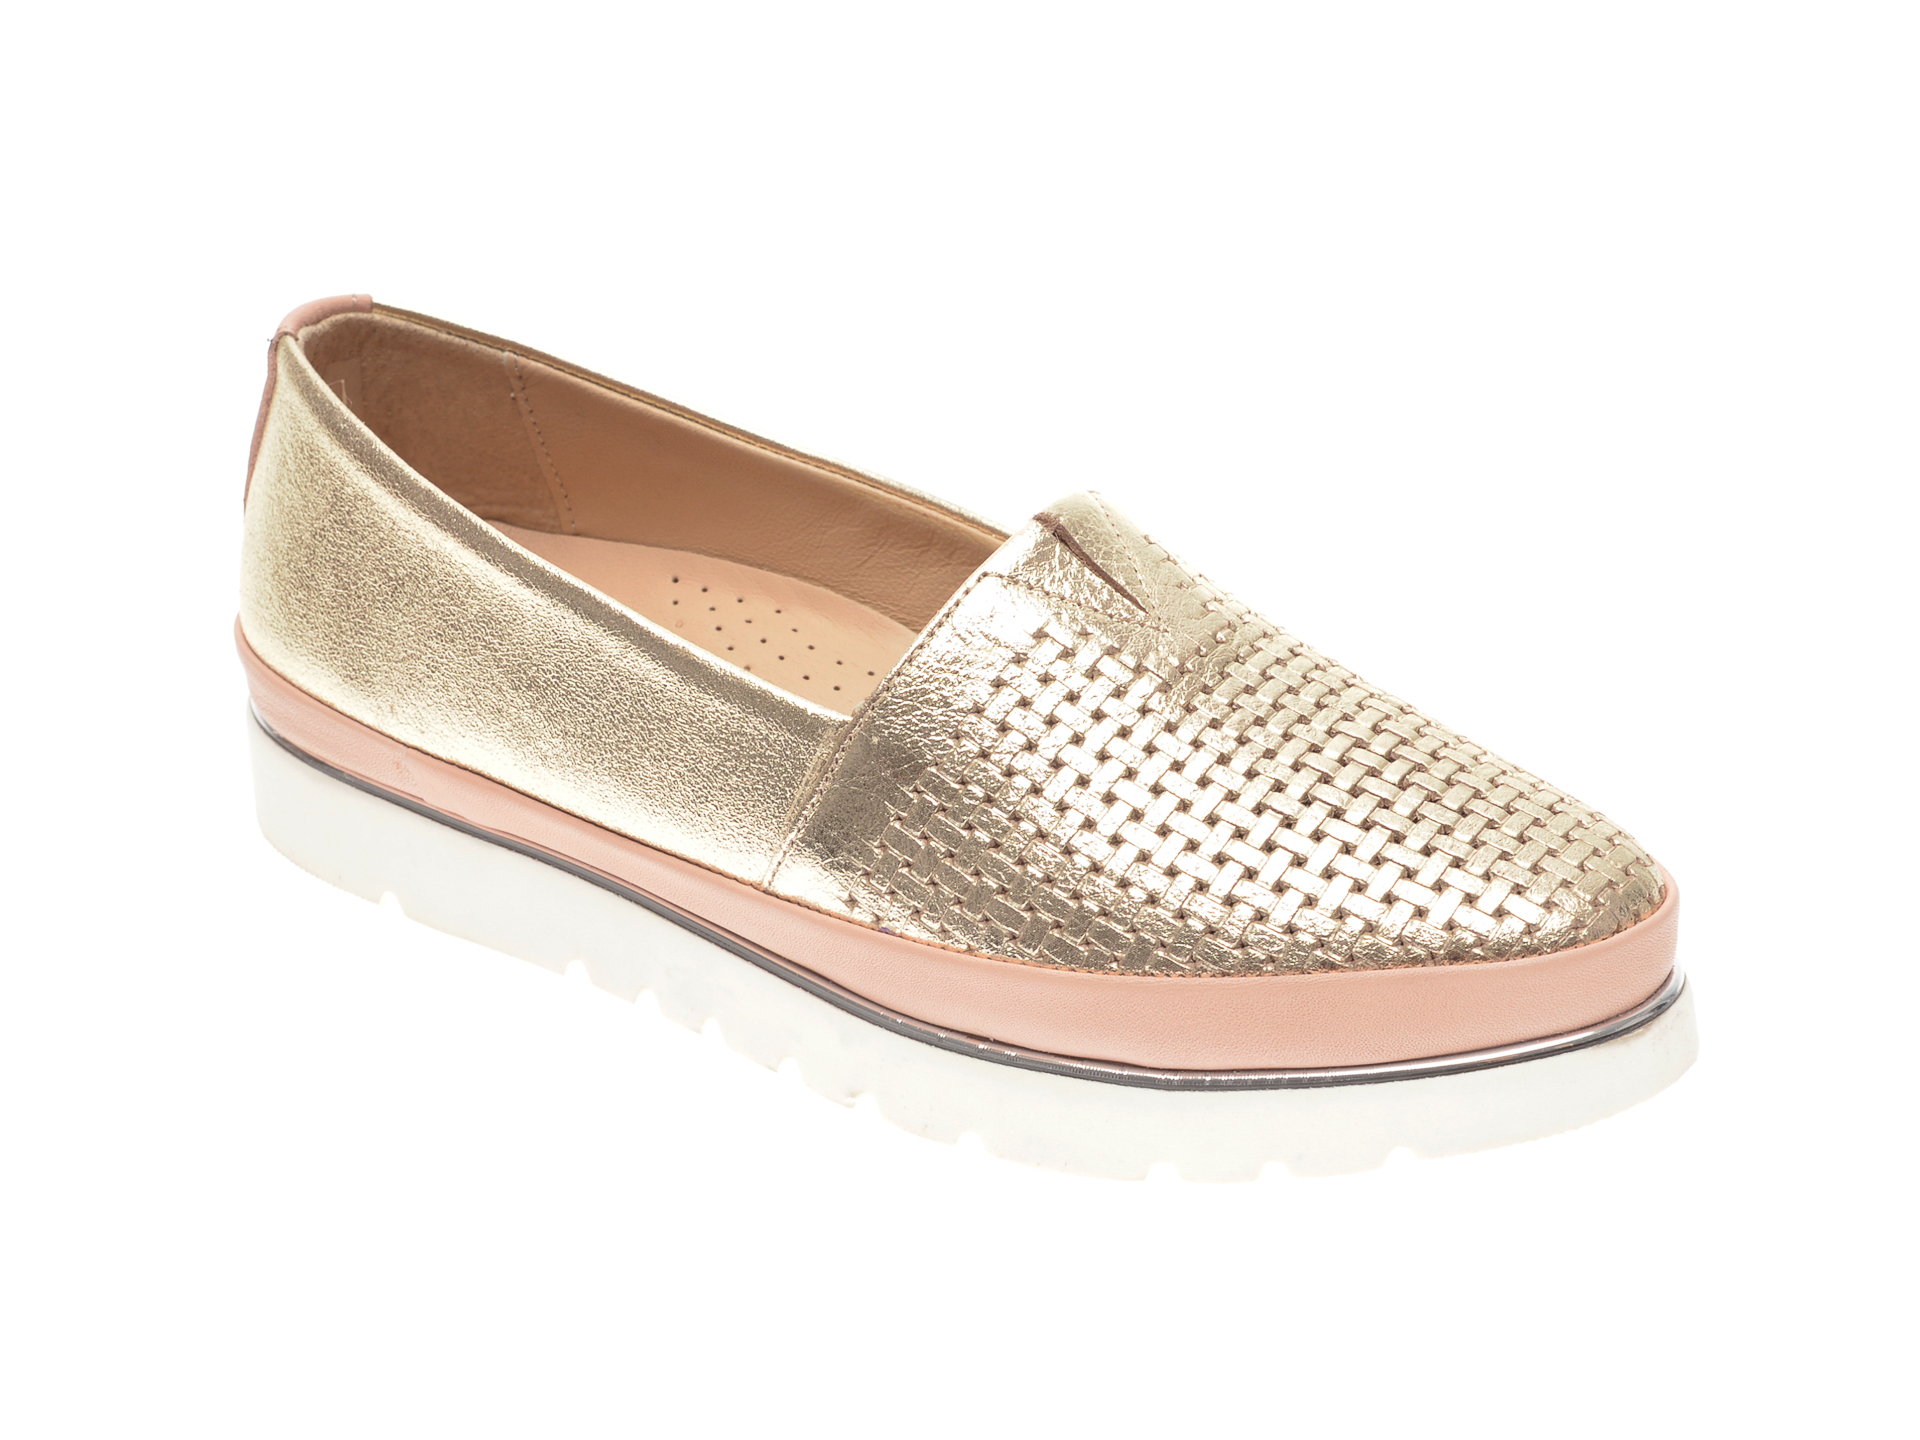 Pantofi FLAVIA PASSINI aurii, 14400, din piele naturala New